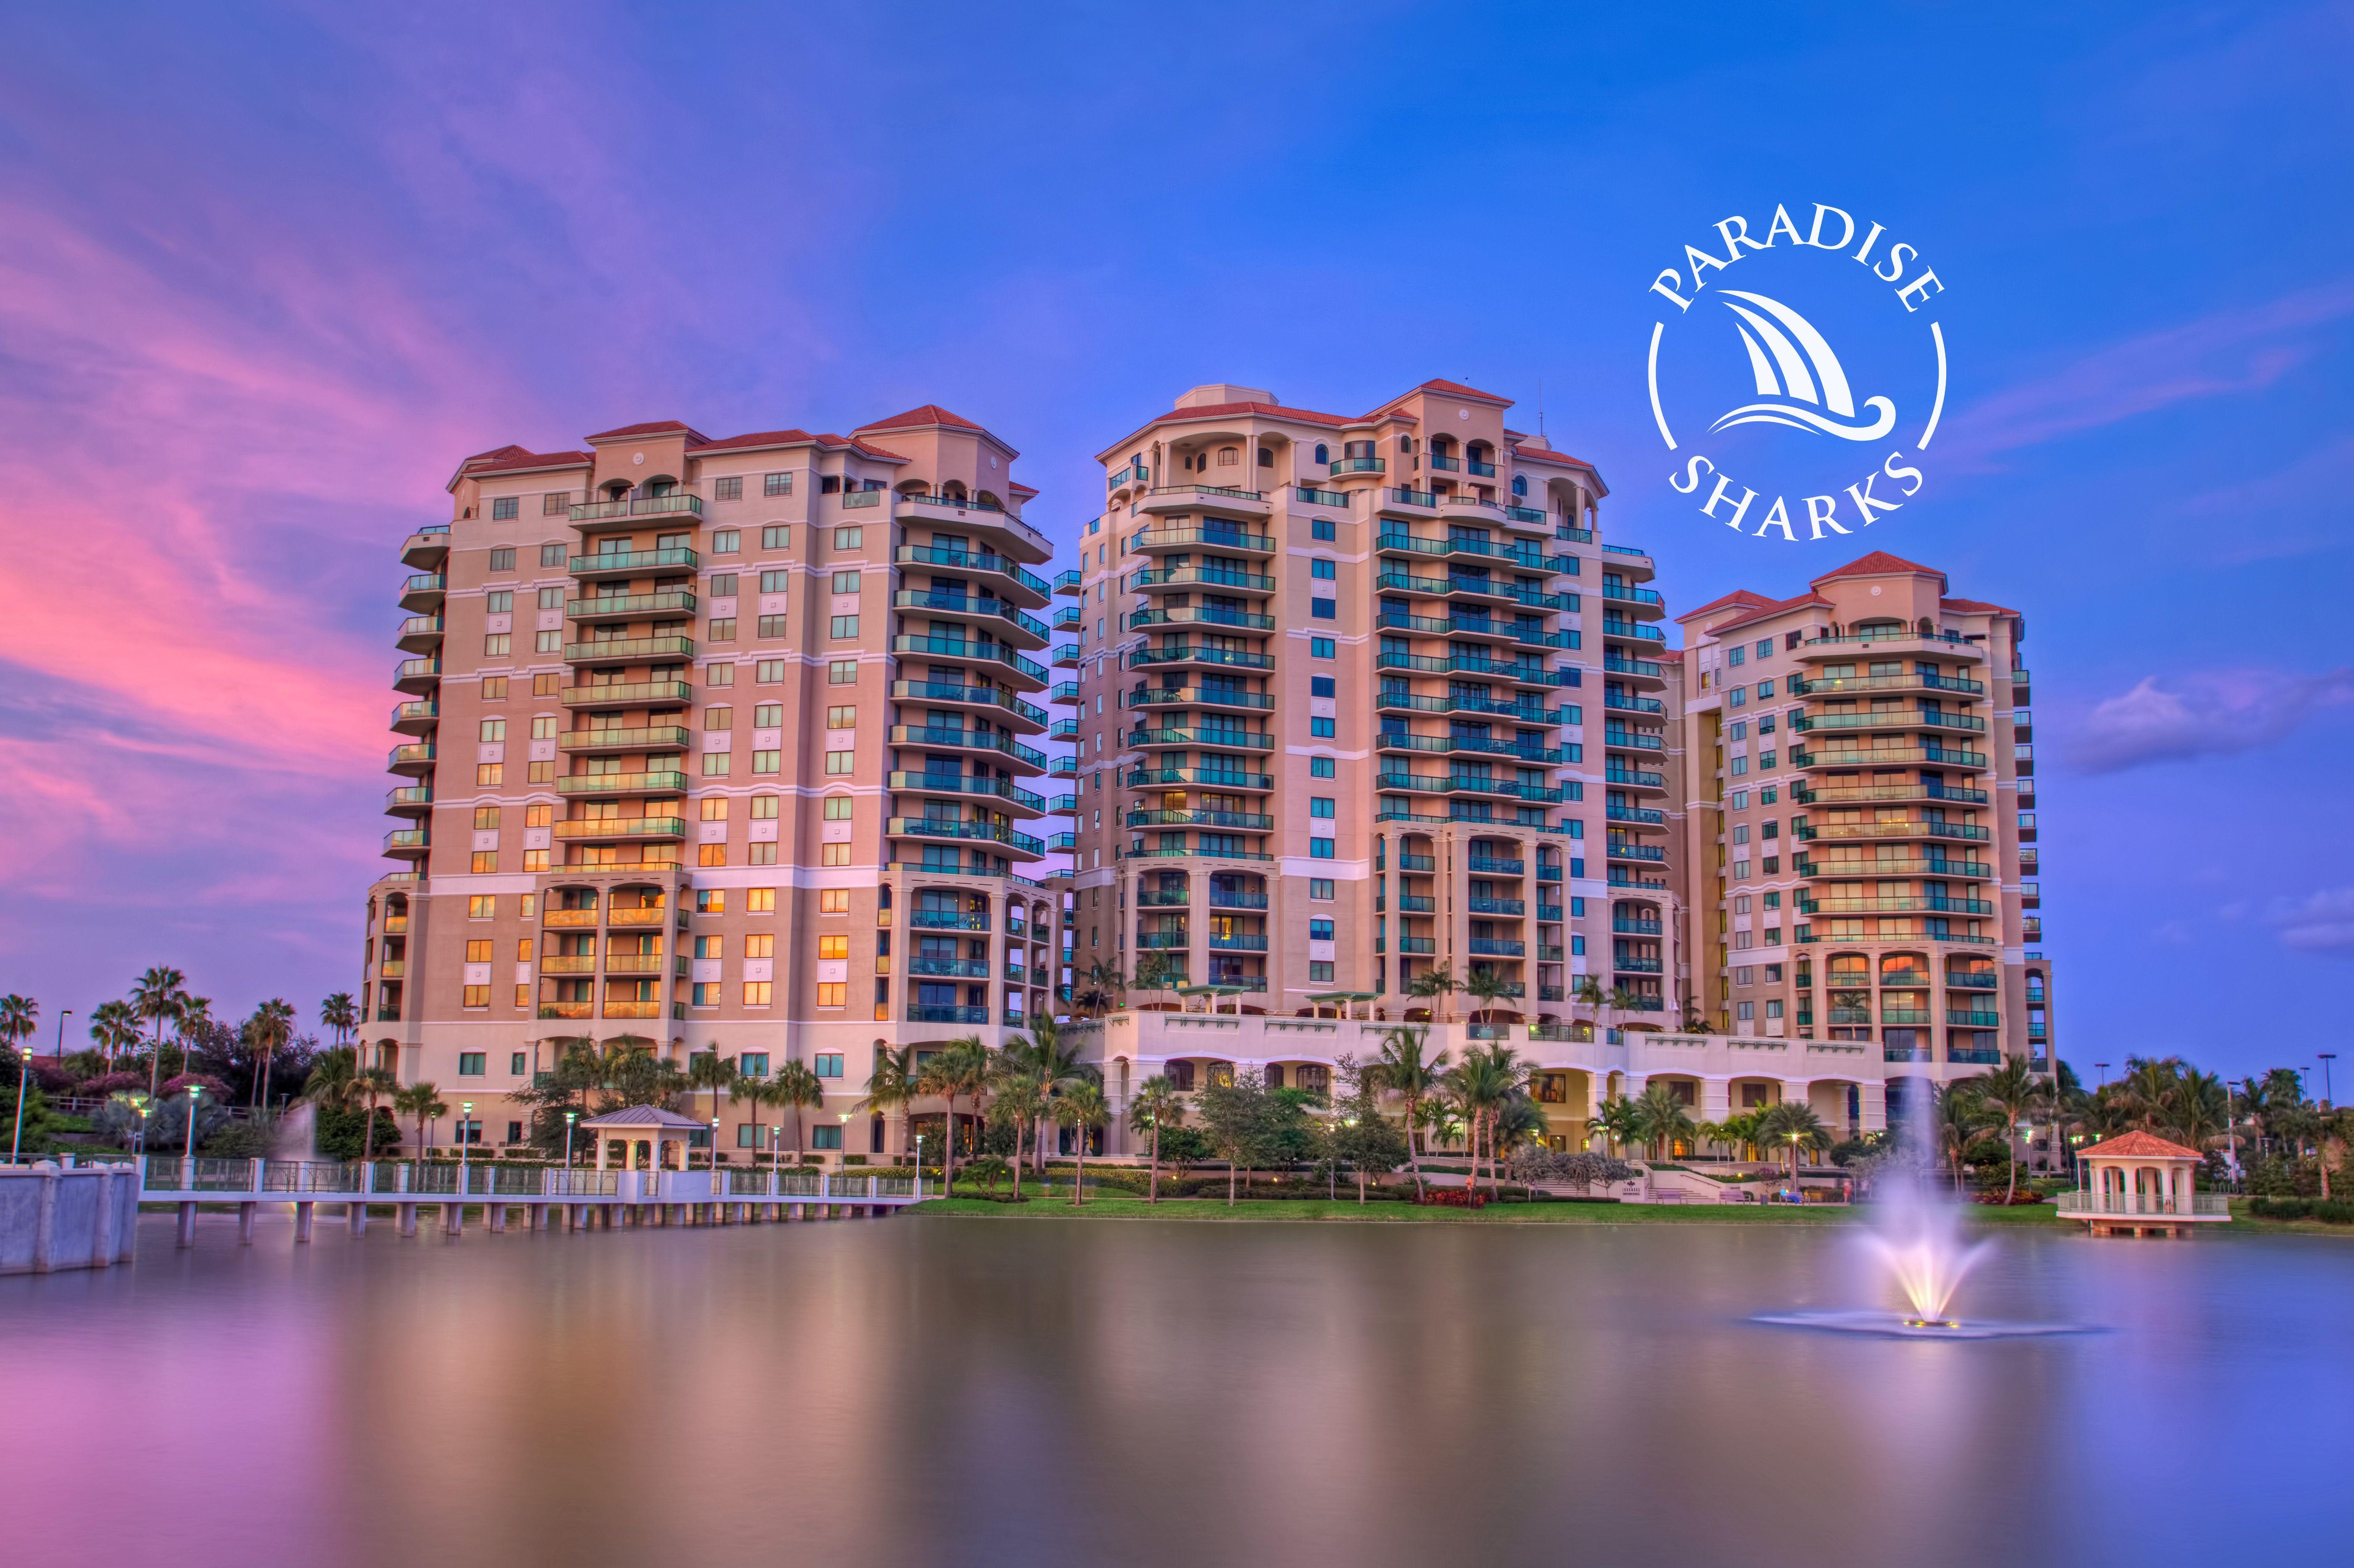 00b82428d052917fa5aeee567facc0cf - Condos Palm Beach Gardens For Sale